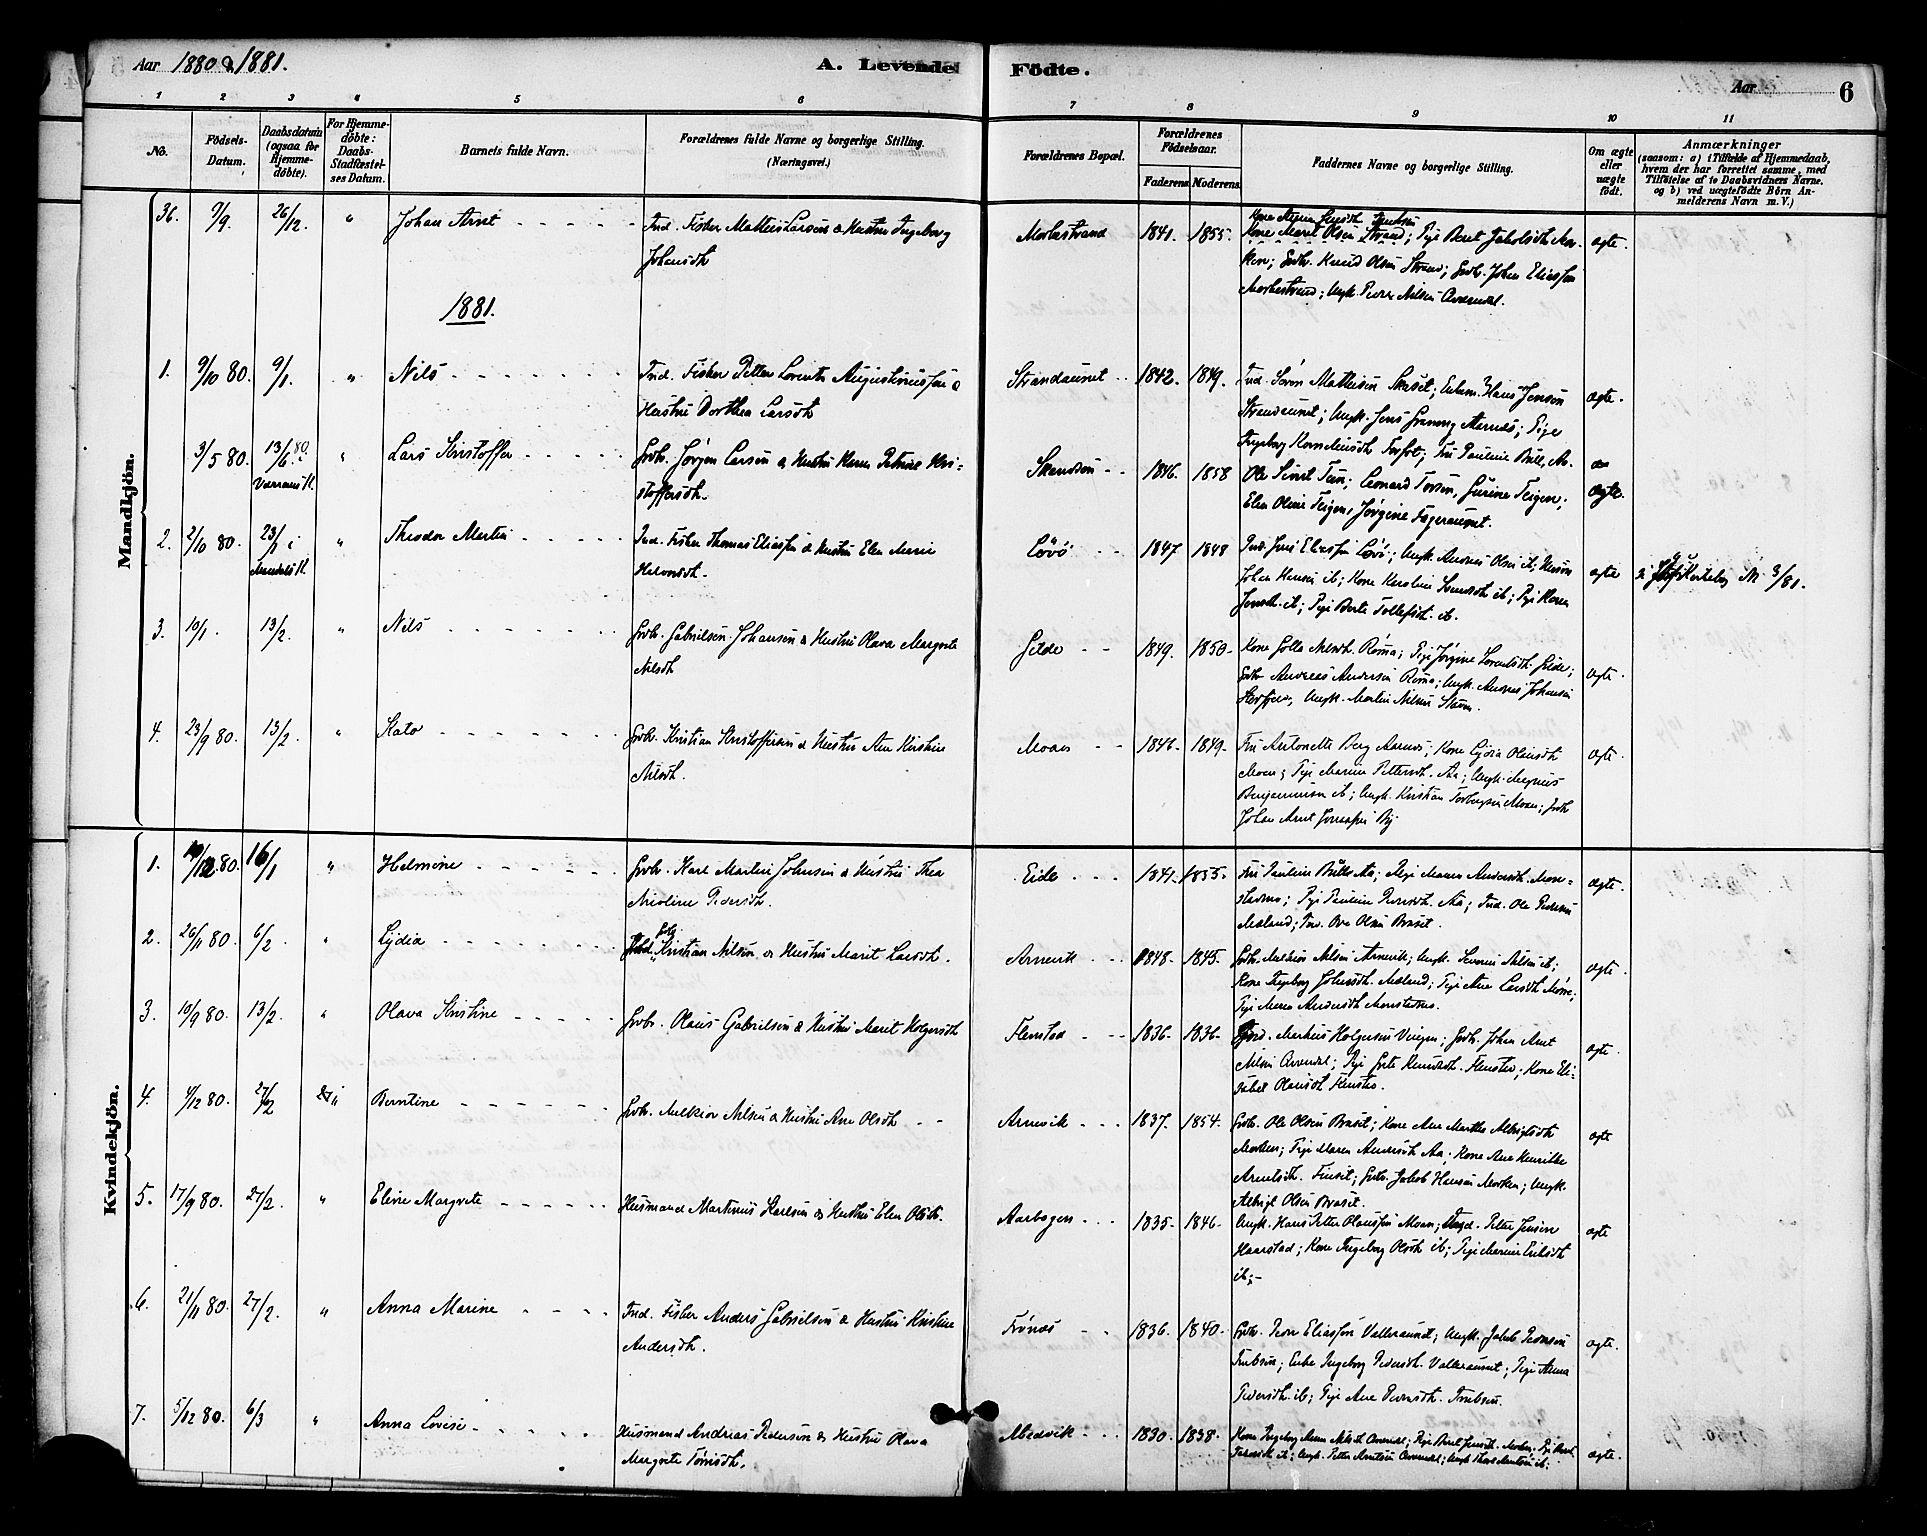 SAT, Ministerialprotokoller, klokkerbøker og fødselsregistre - Sør-Trøndelag, 655/L0680: Ministerialbok nr. 655A09, 1880-1894, s. 6